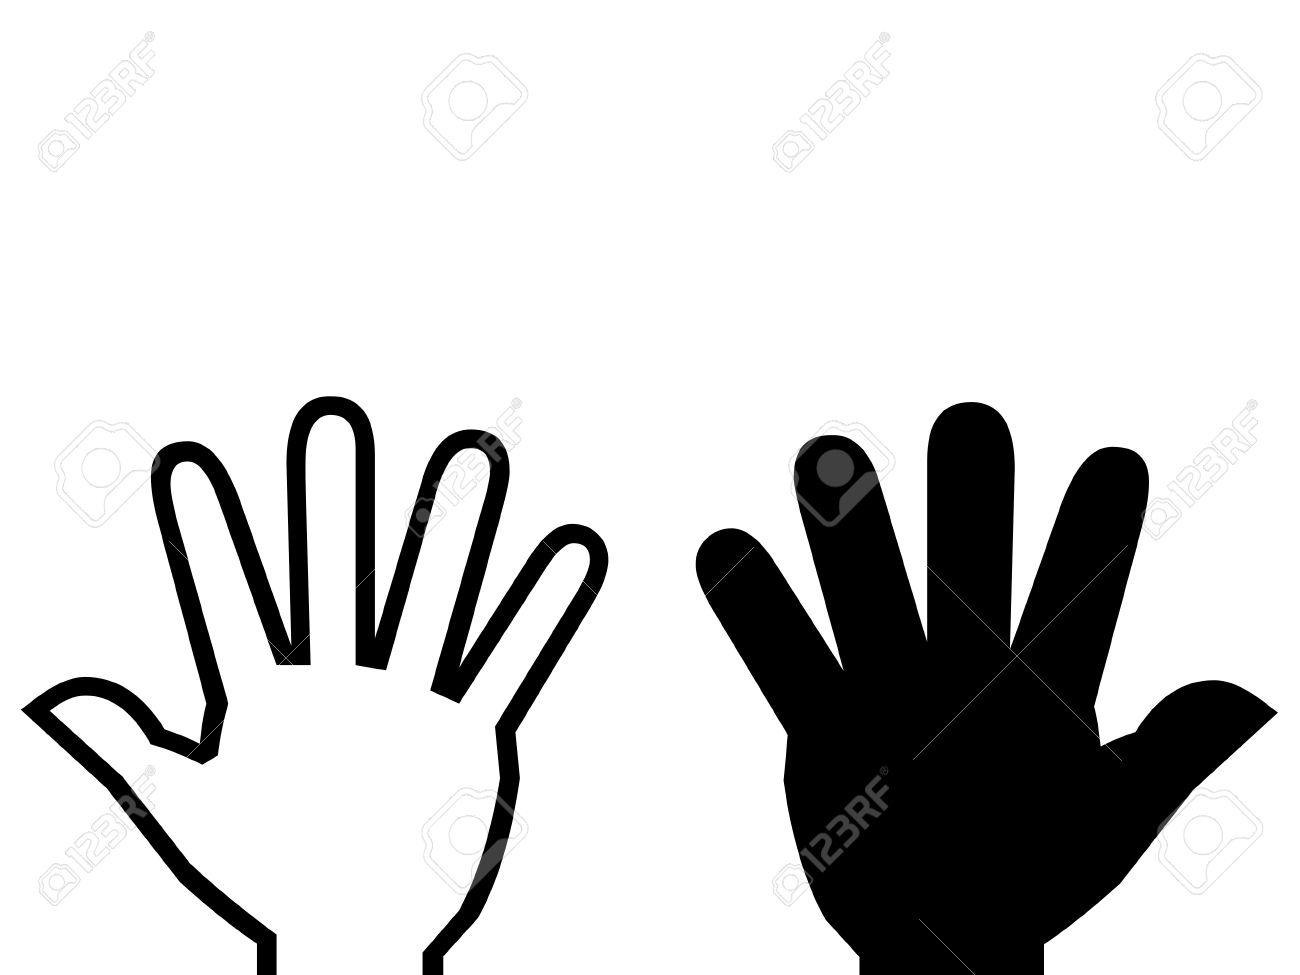 White hand, black hand illustration. Stock Illustration - 12933523